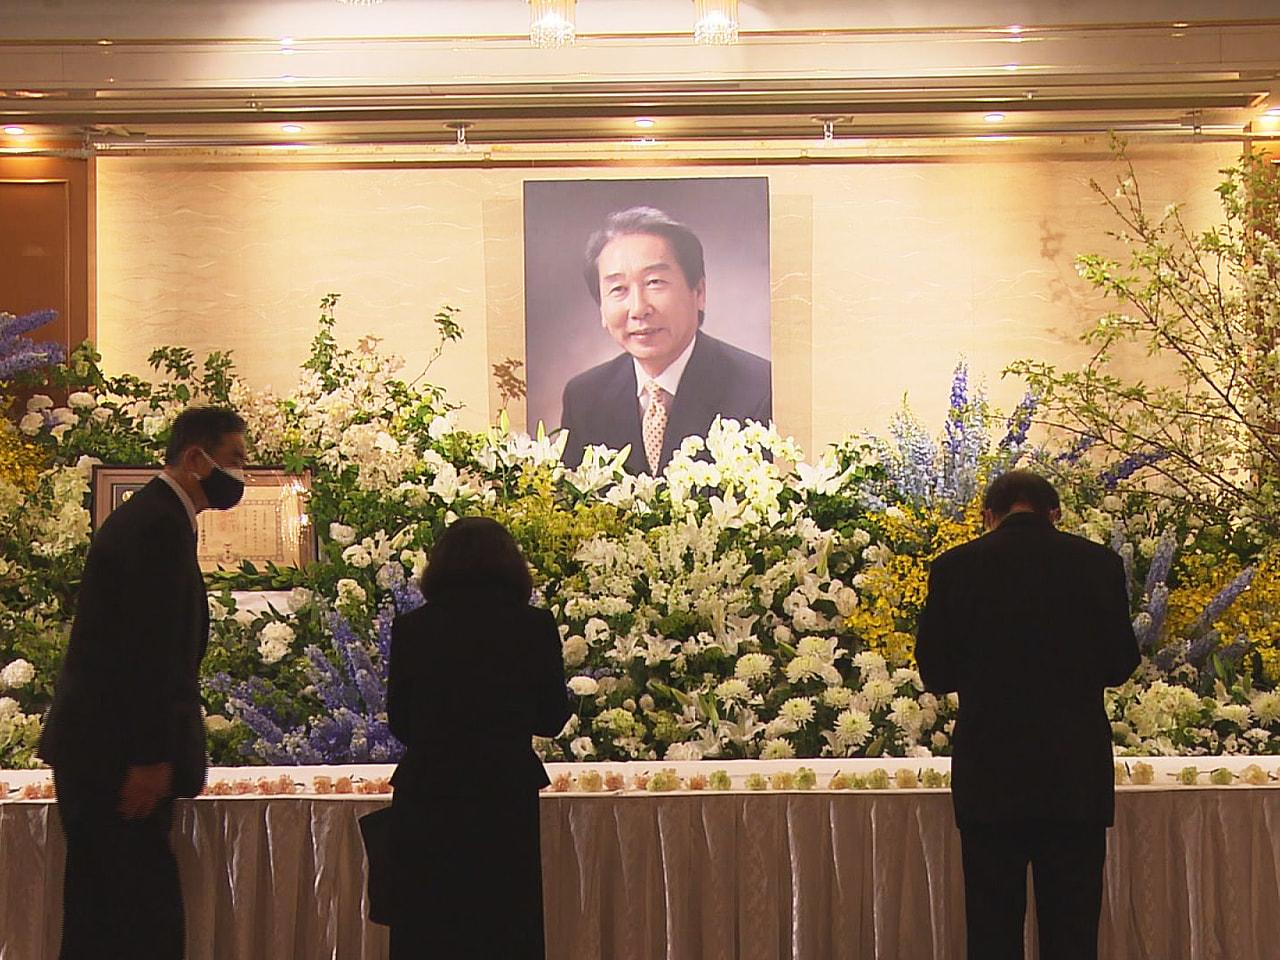 2020年4月、71歳で亡くなった細江茂光・前岐阜市長をしのぶ会が開かれ、各界か...